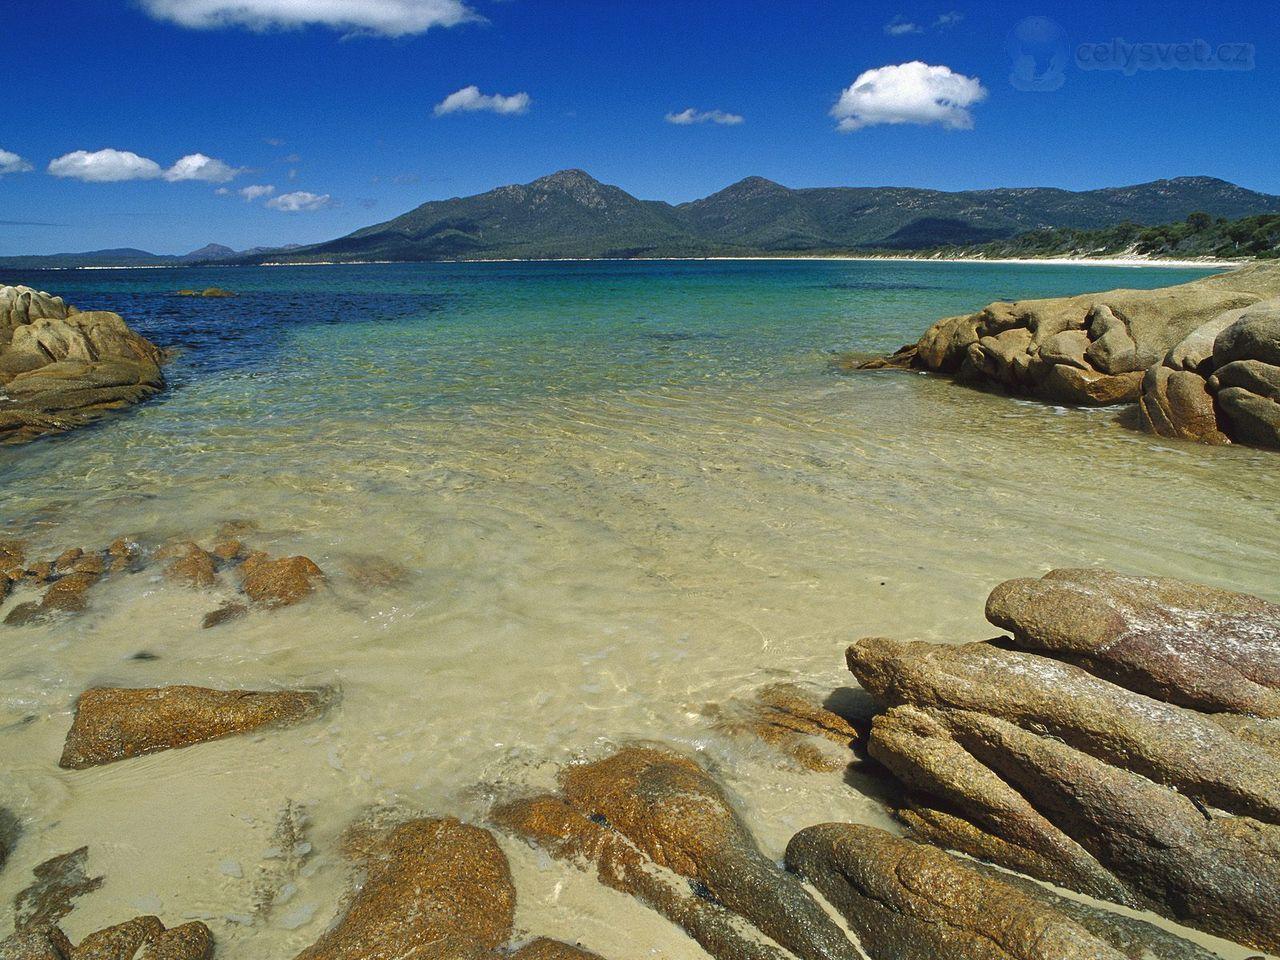 Bay from hazards beach, freycinet national park, tasmania, australia